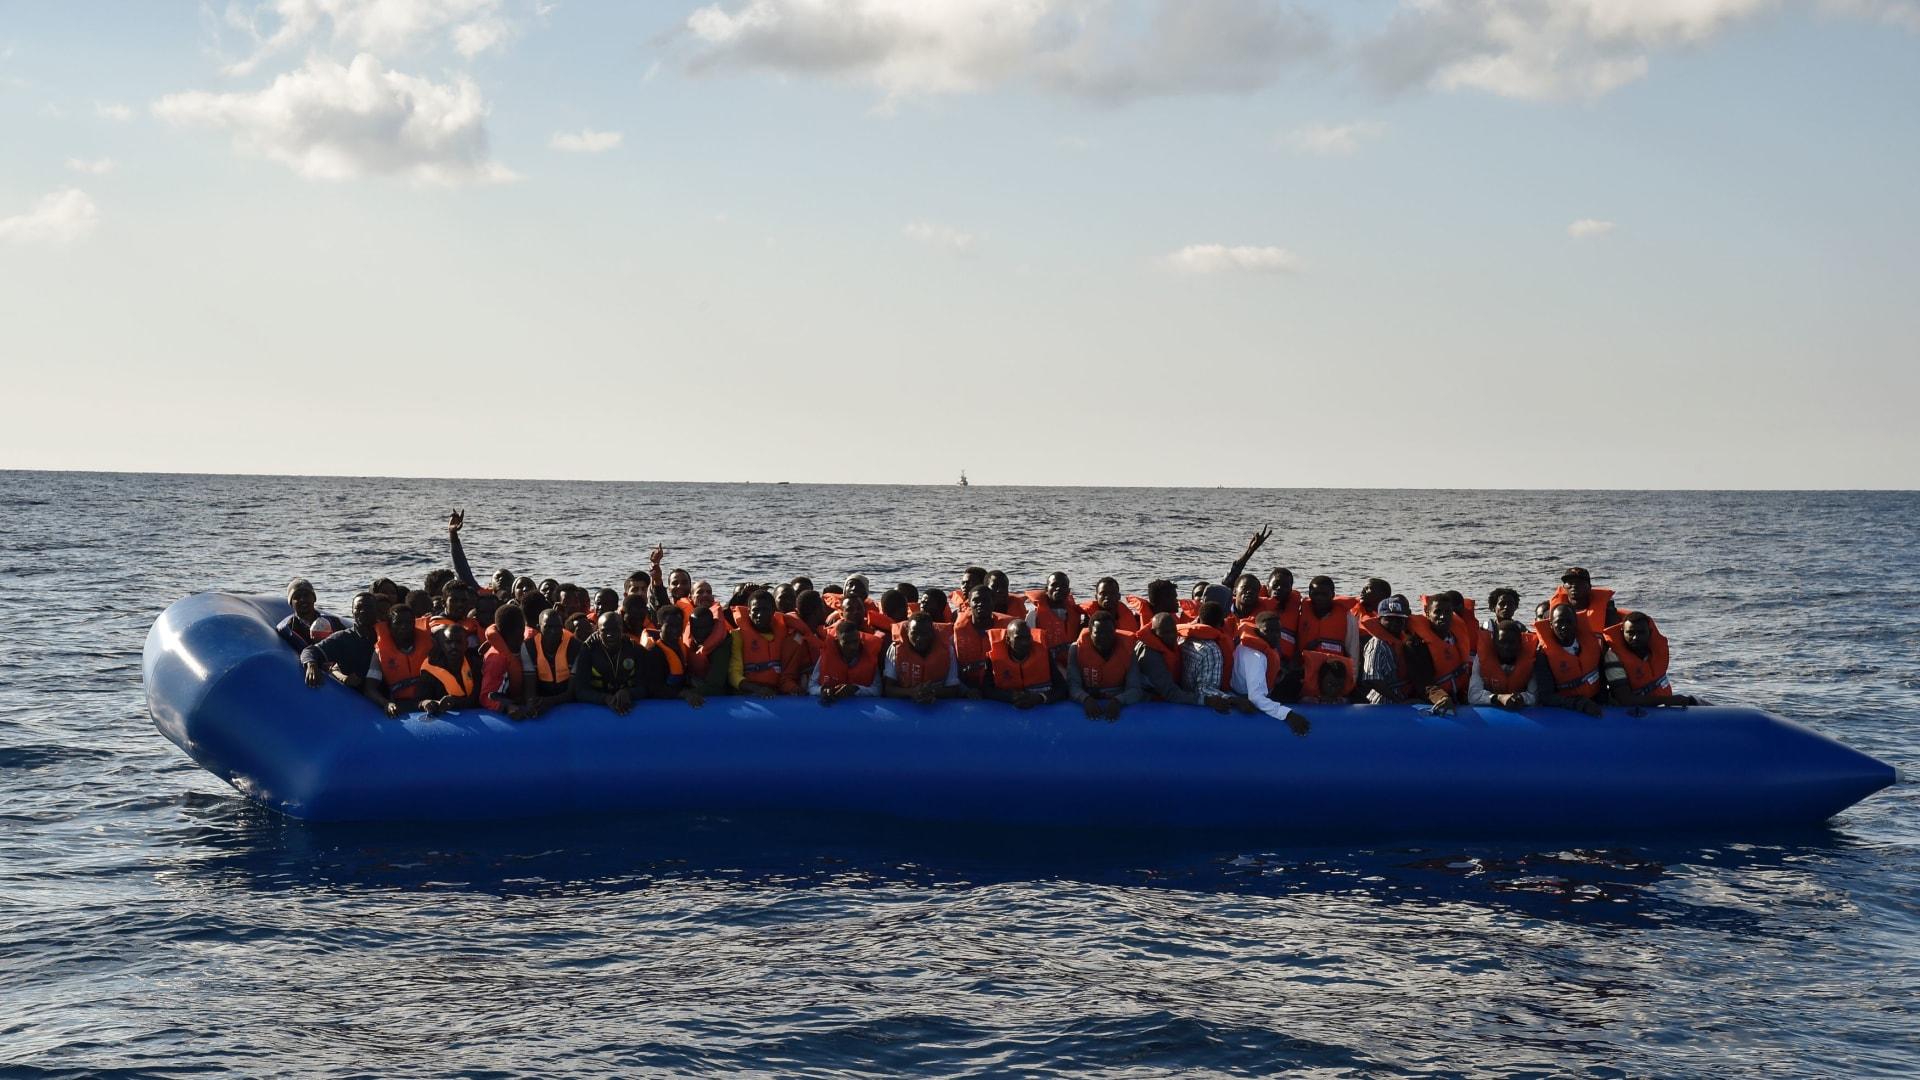 مقتل 130 شخصًا في حادثة غرق مركب قبالة سواحل ليبيا